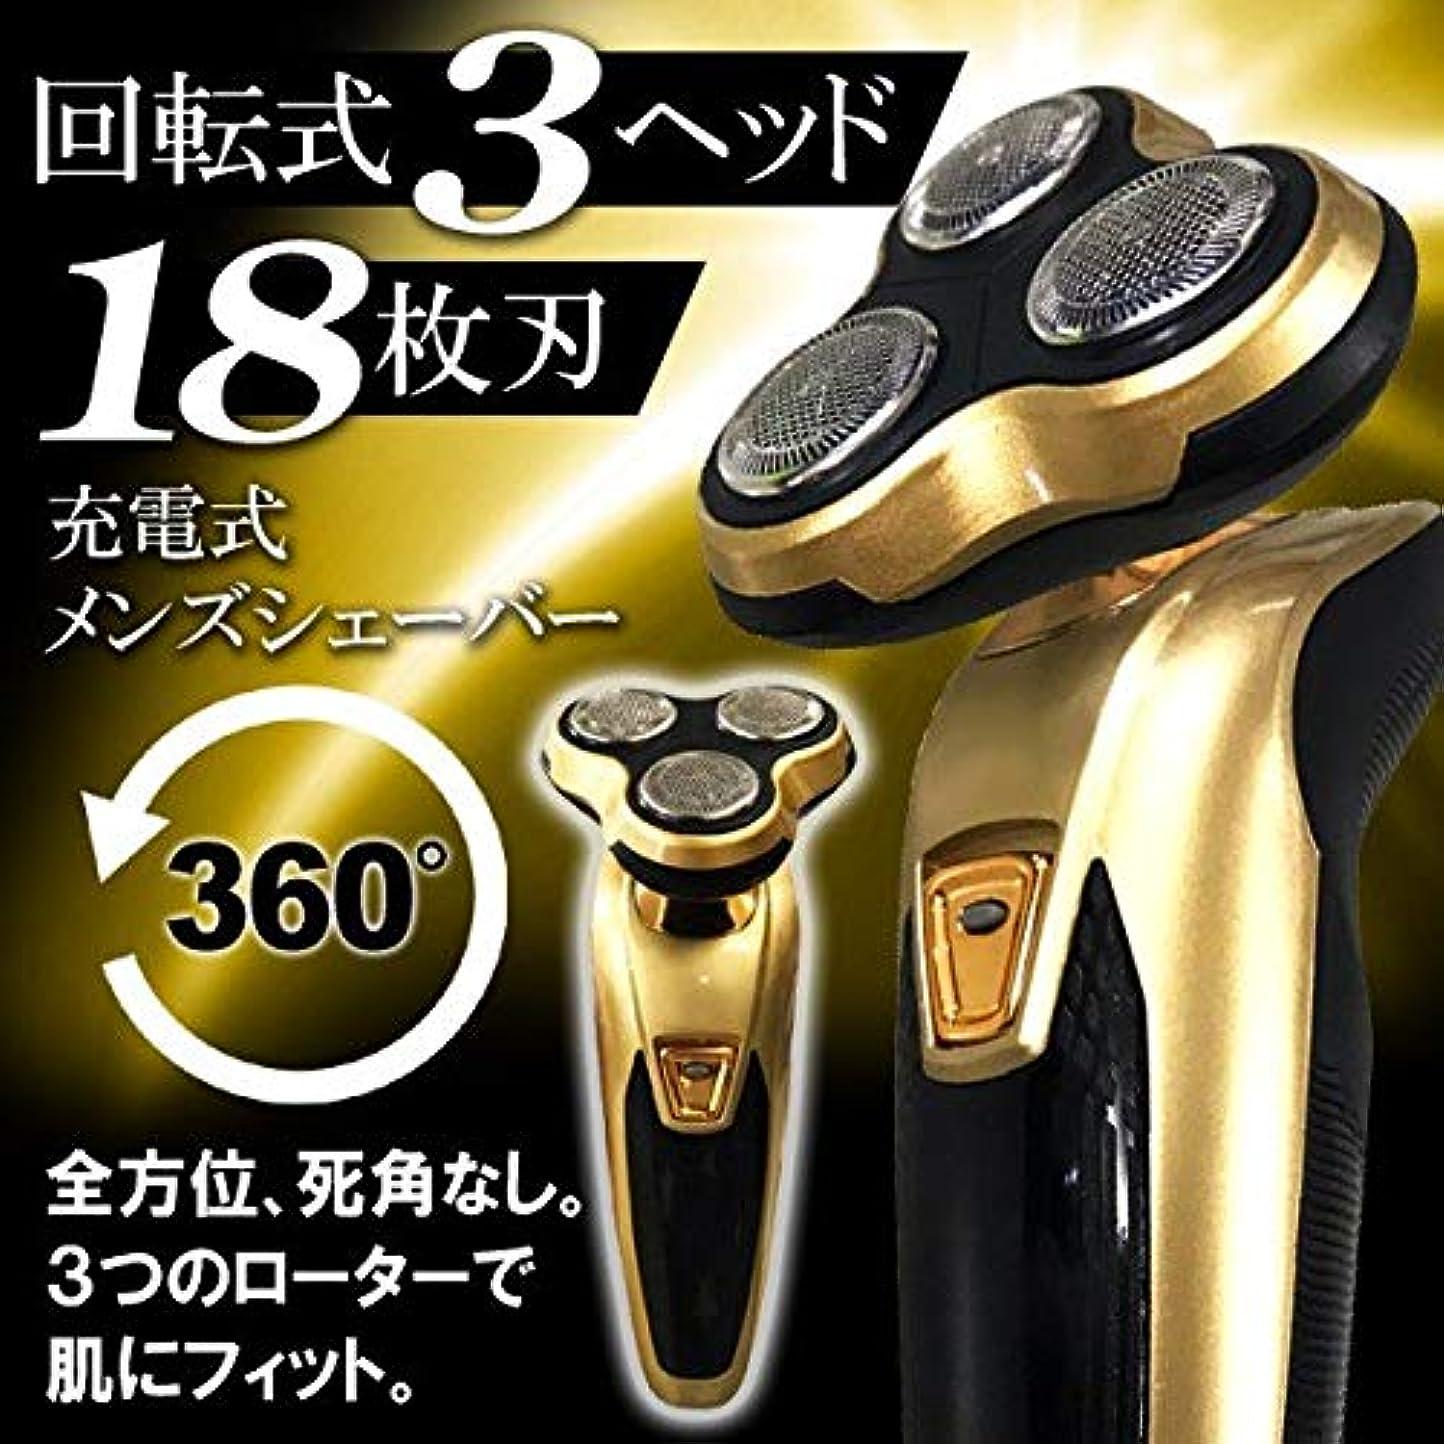 転倒シリンダーオピエートYEP 電気シェーバー 3ヘッド搭載 充電式 メンズシェーバー 3in1 髭剃り 鼻毛カッター グルーミングヘッド